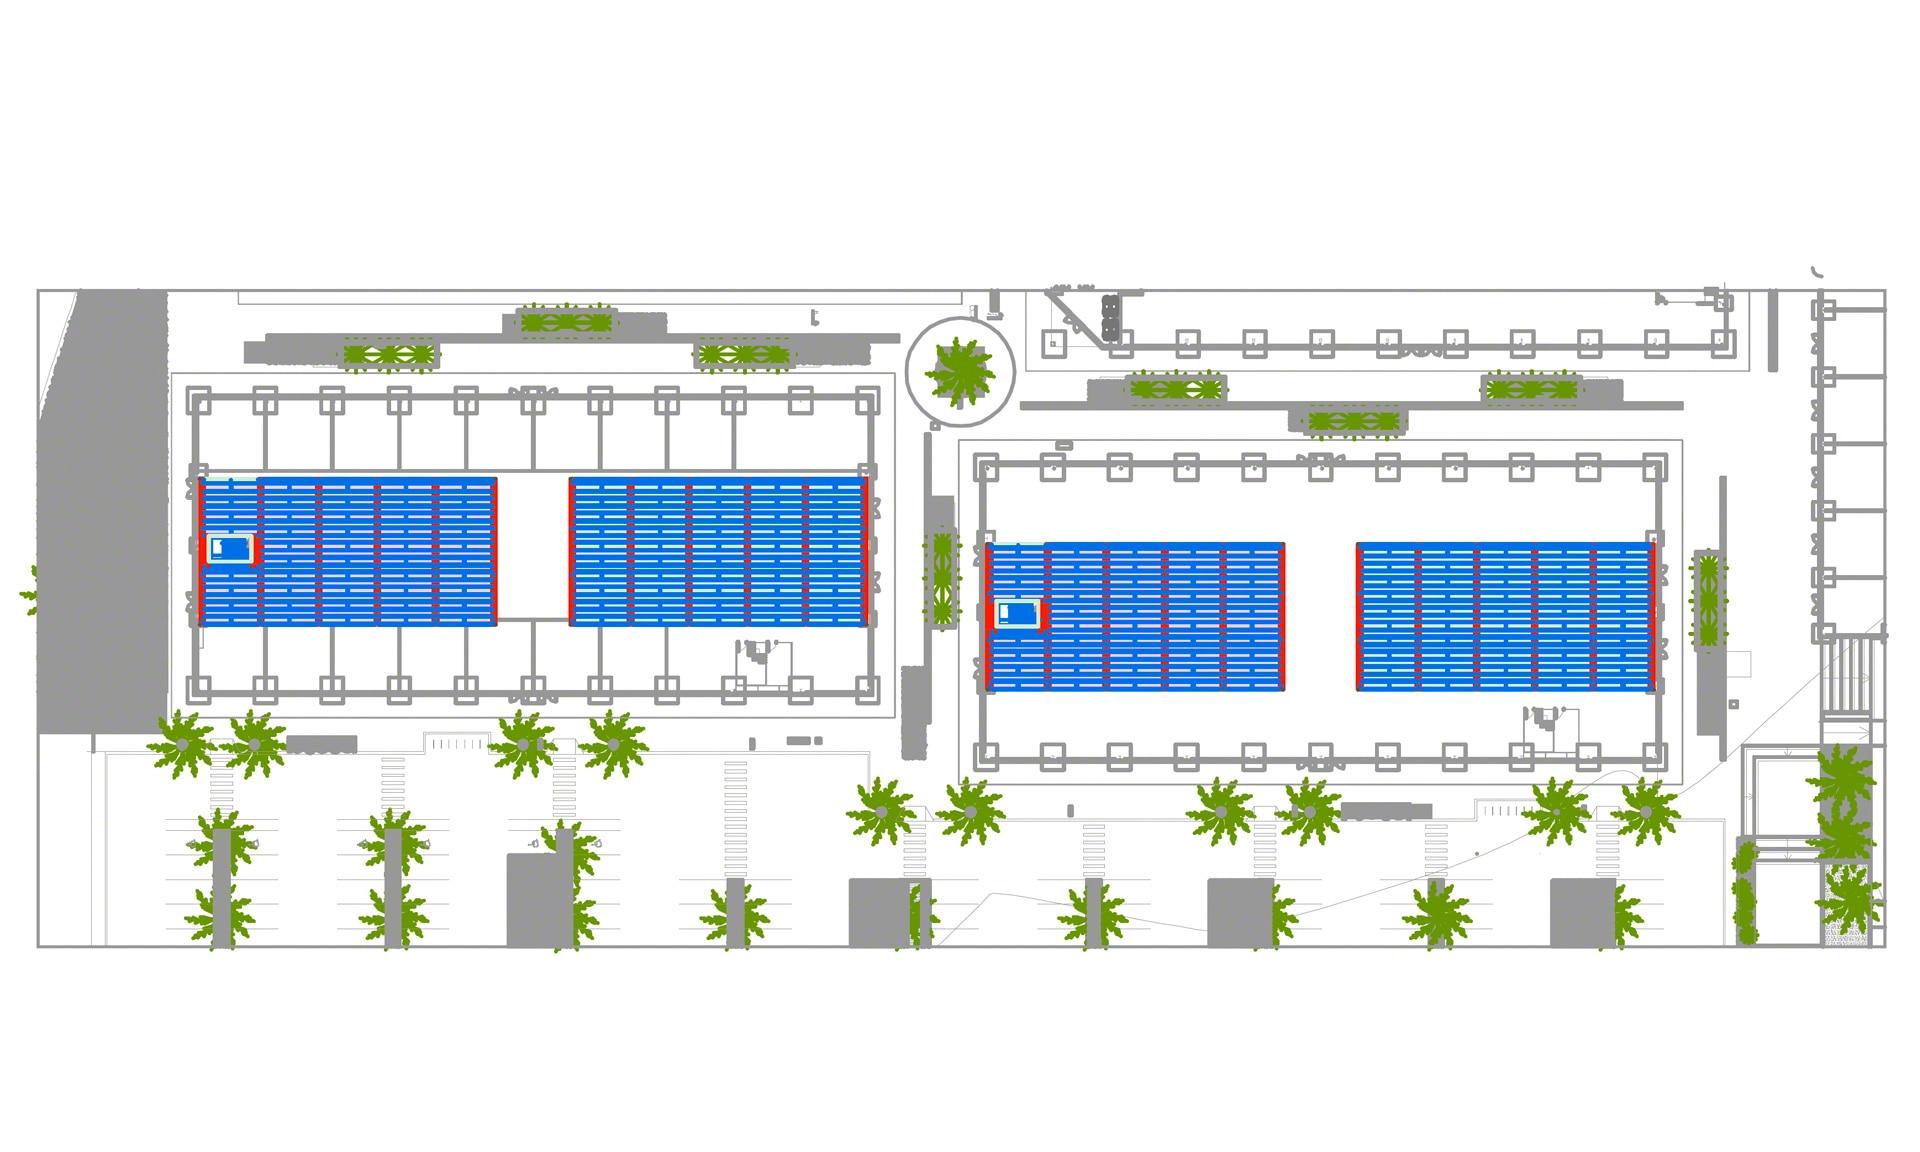 Mecalux equipará el centro comercial que Almenara Mall posee en Uruguay con un mezzanine industrial metálico